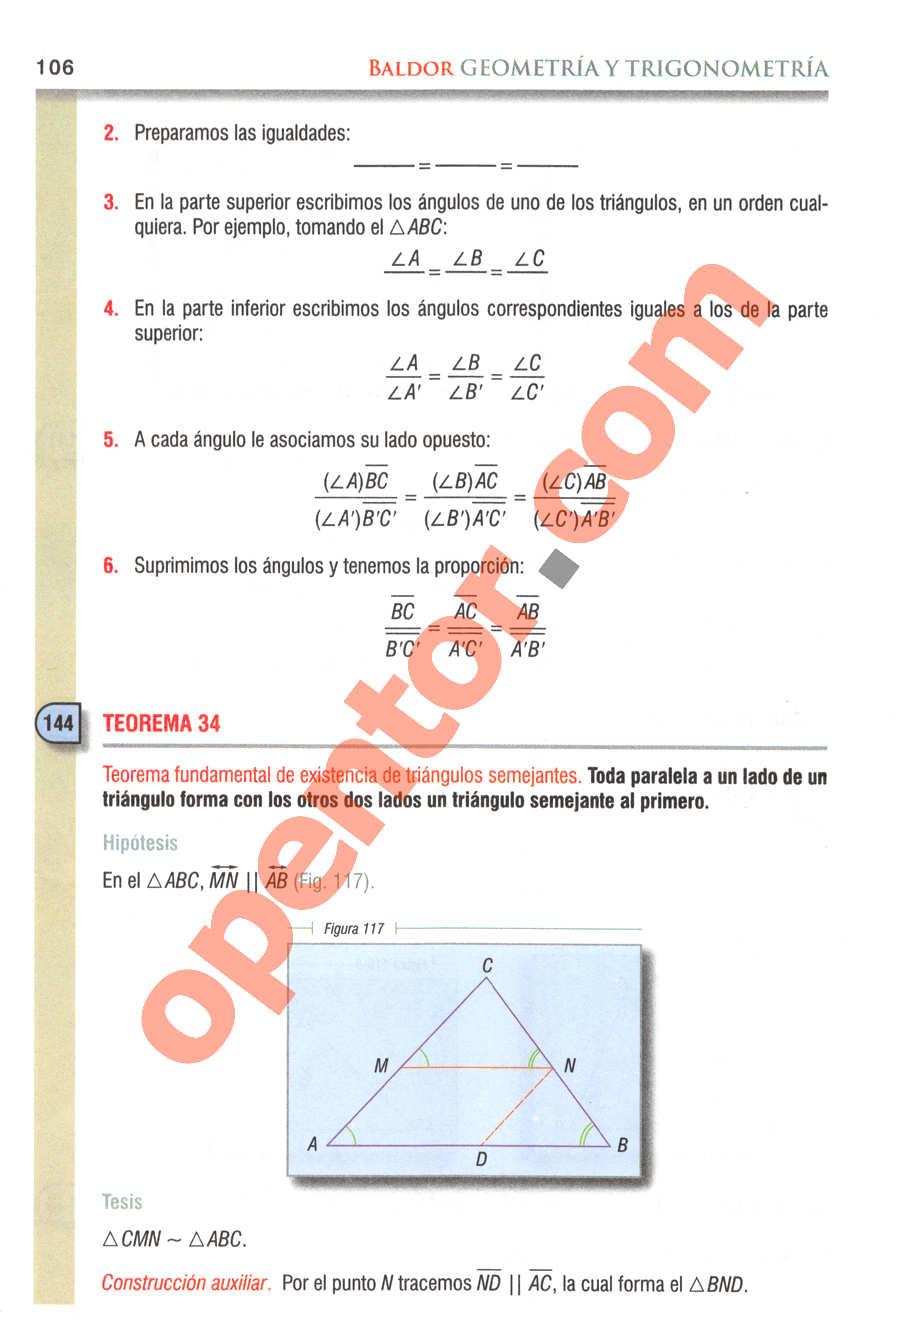 Geometría y Trigonometría de Baldor - Página 106